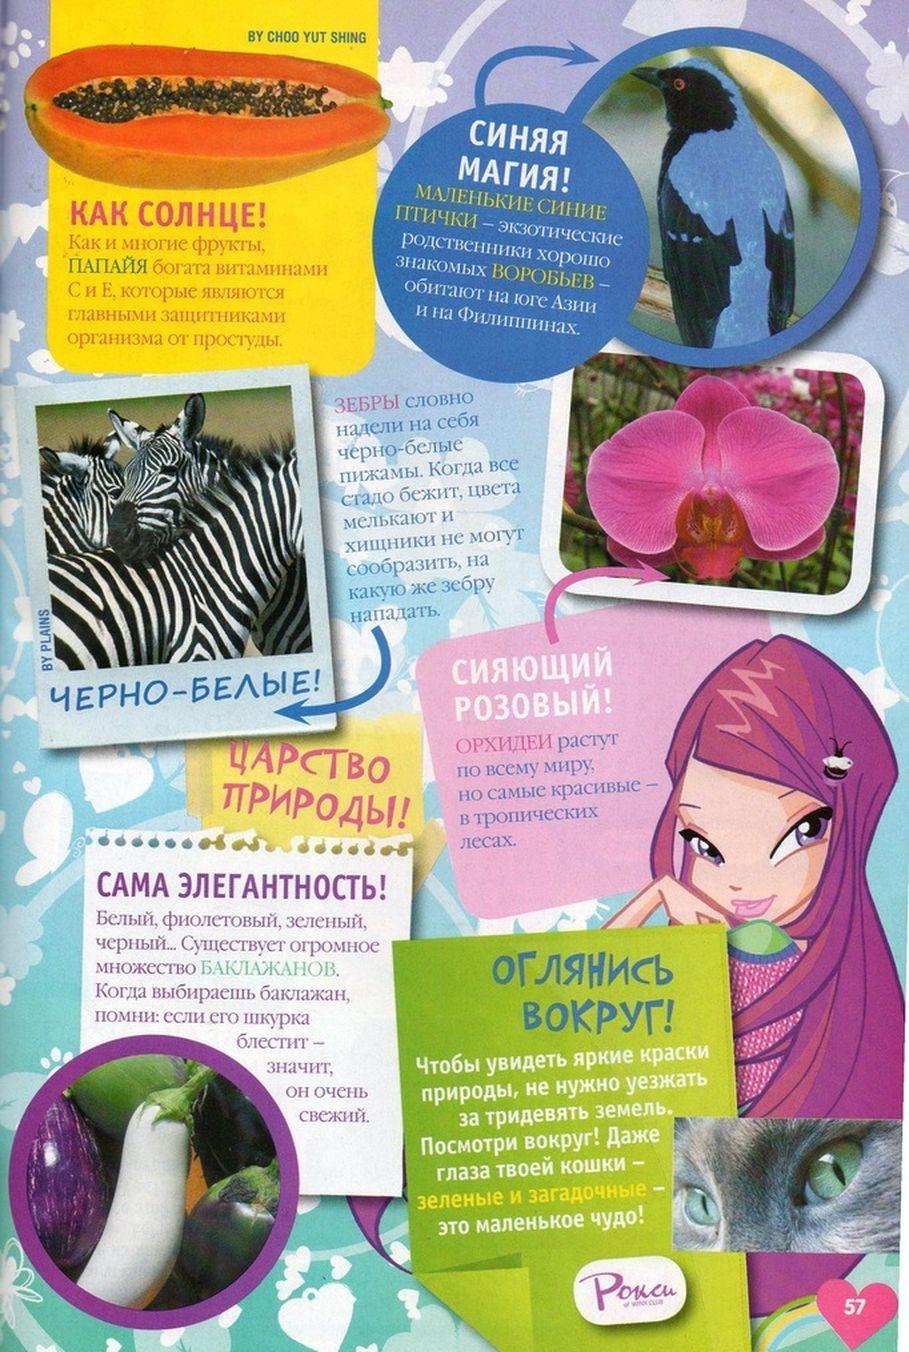 Комикс Винкс Winx - Каменные великаны (Журнал Винкс №11 2011) - стр. 54